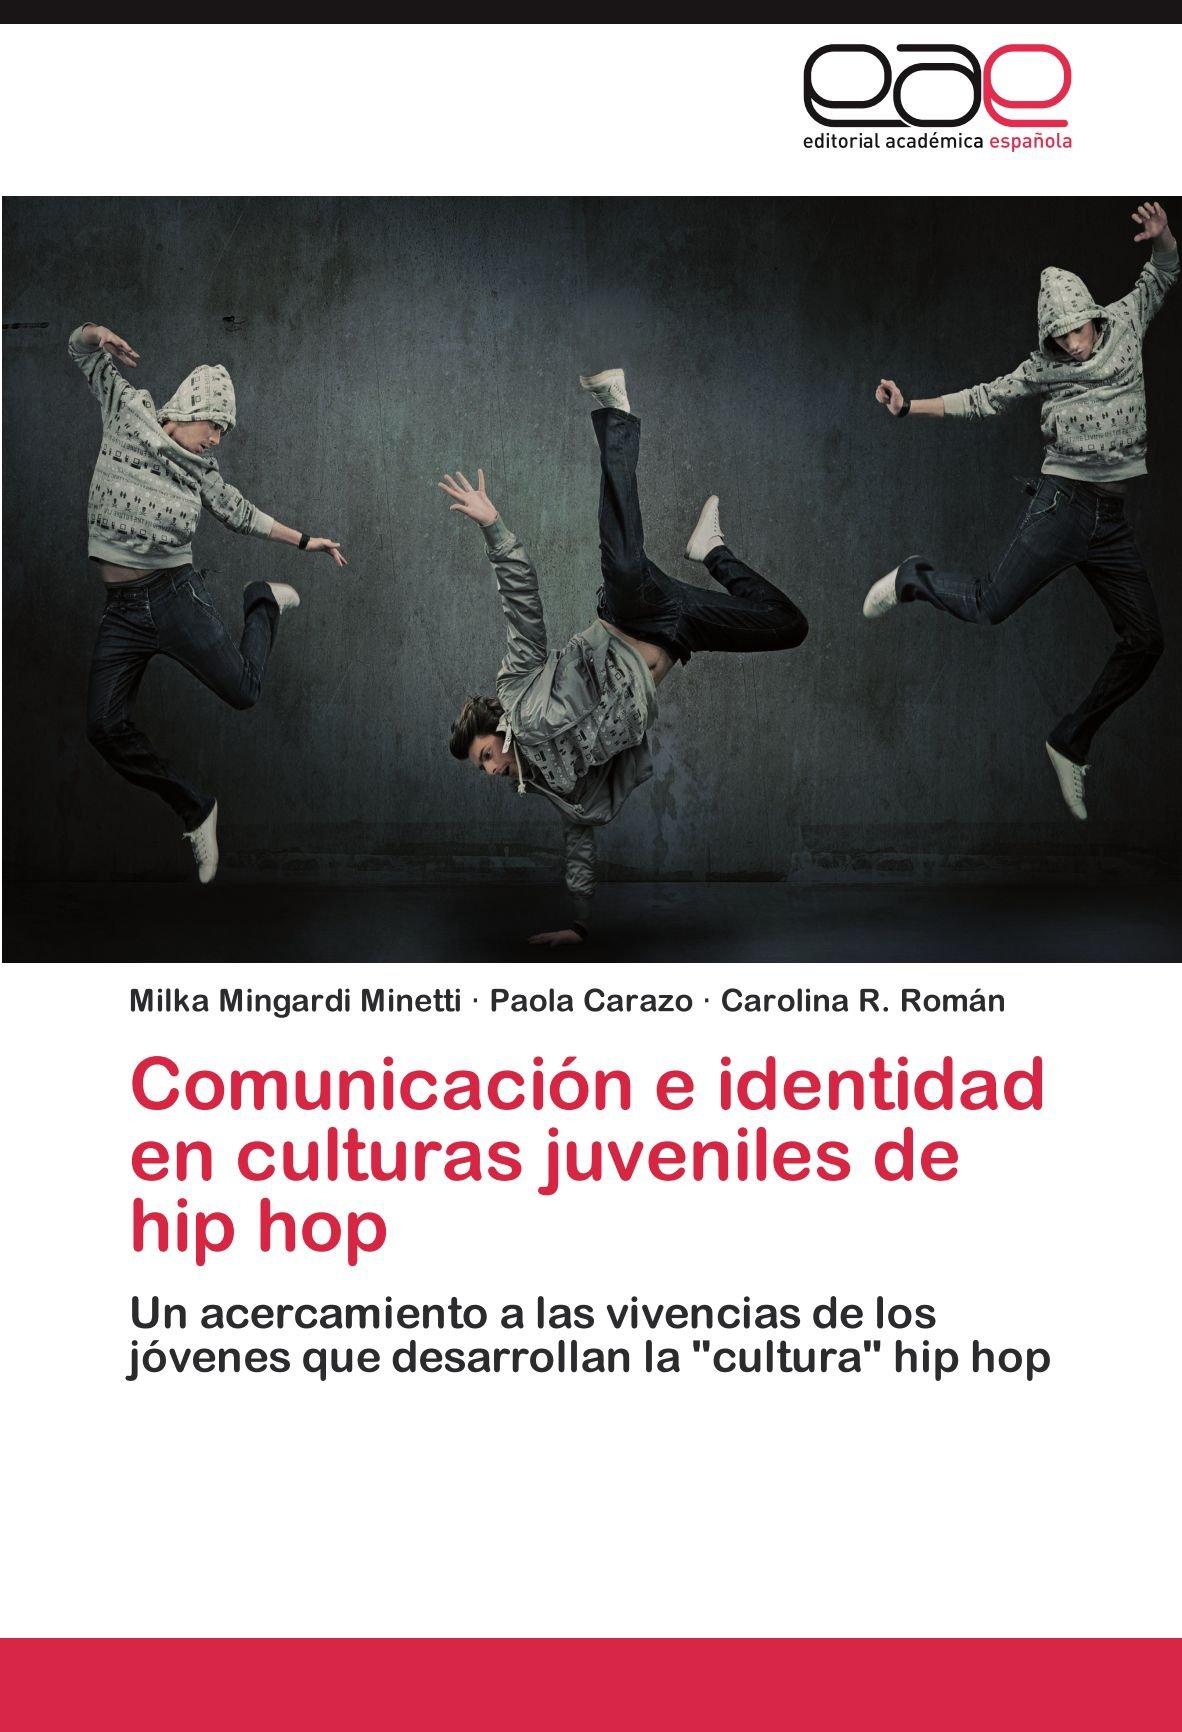 Comunicación e identidad en culturas juveniles de hip hop: Un acercamiento a las vivencias de los jóvenes que desarrollan la